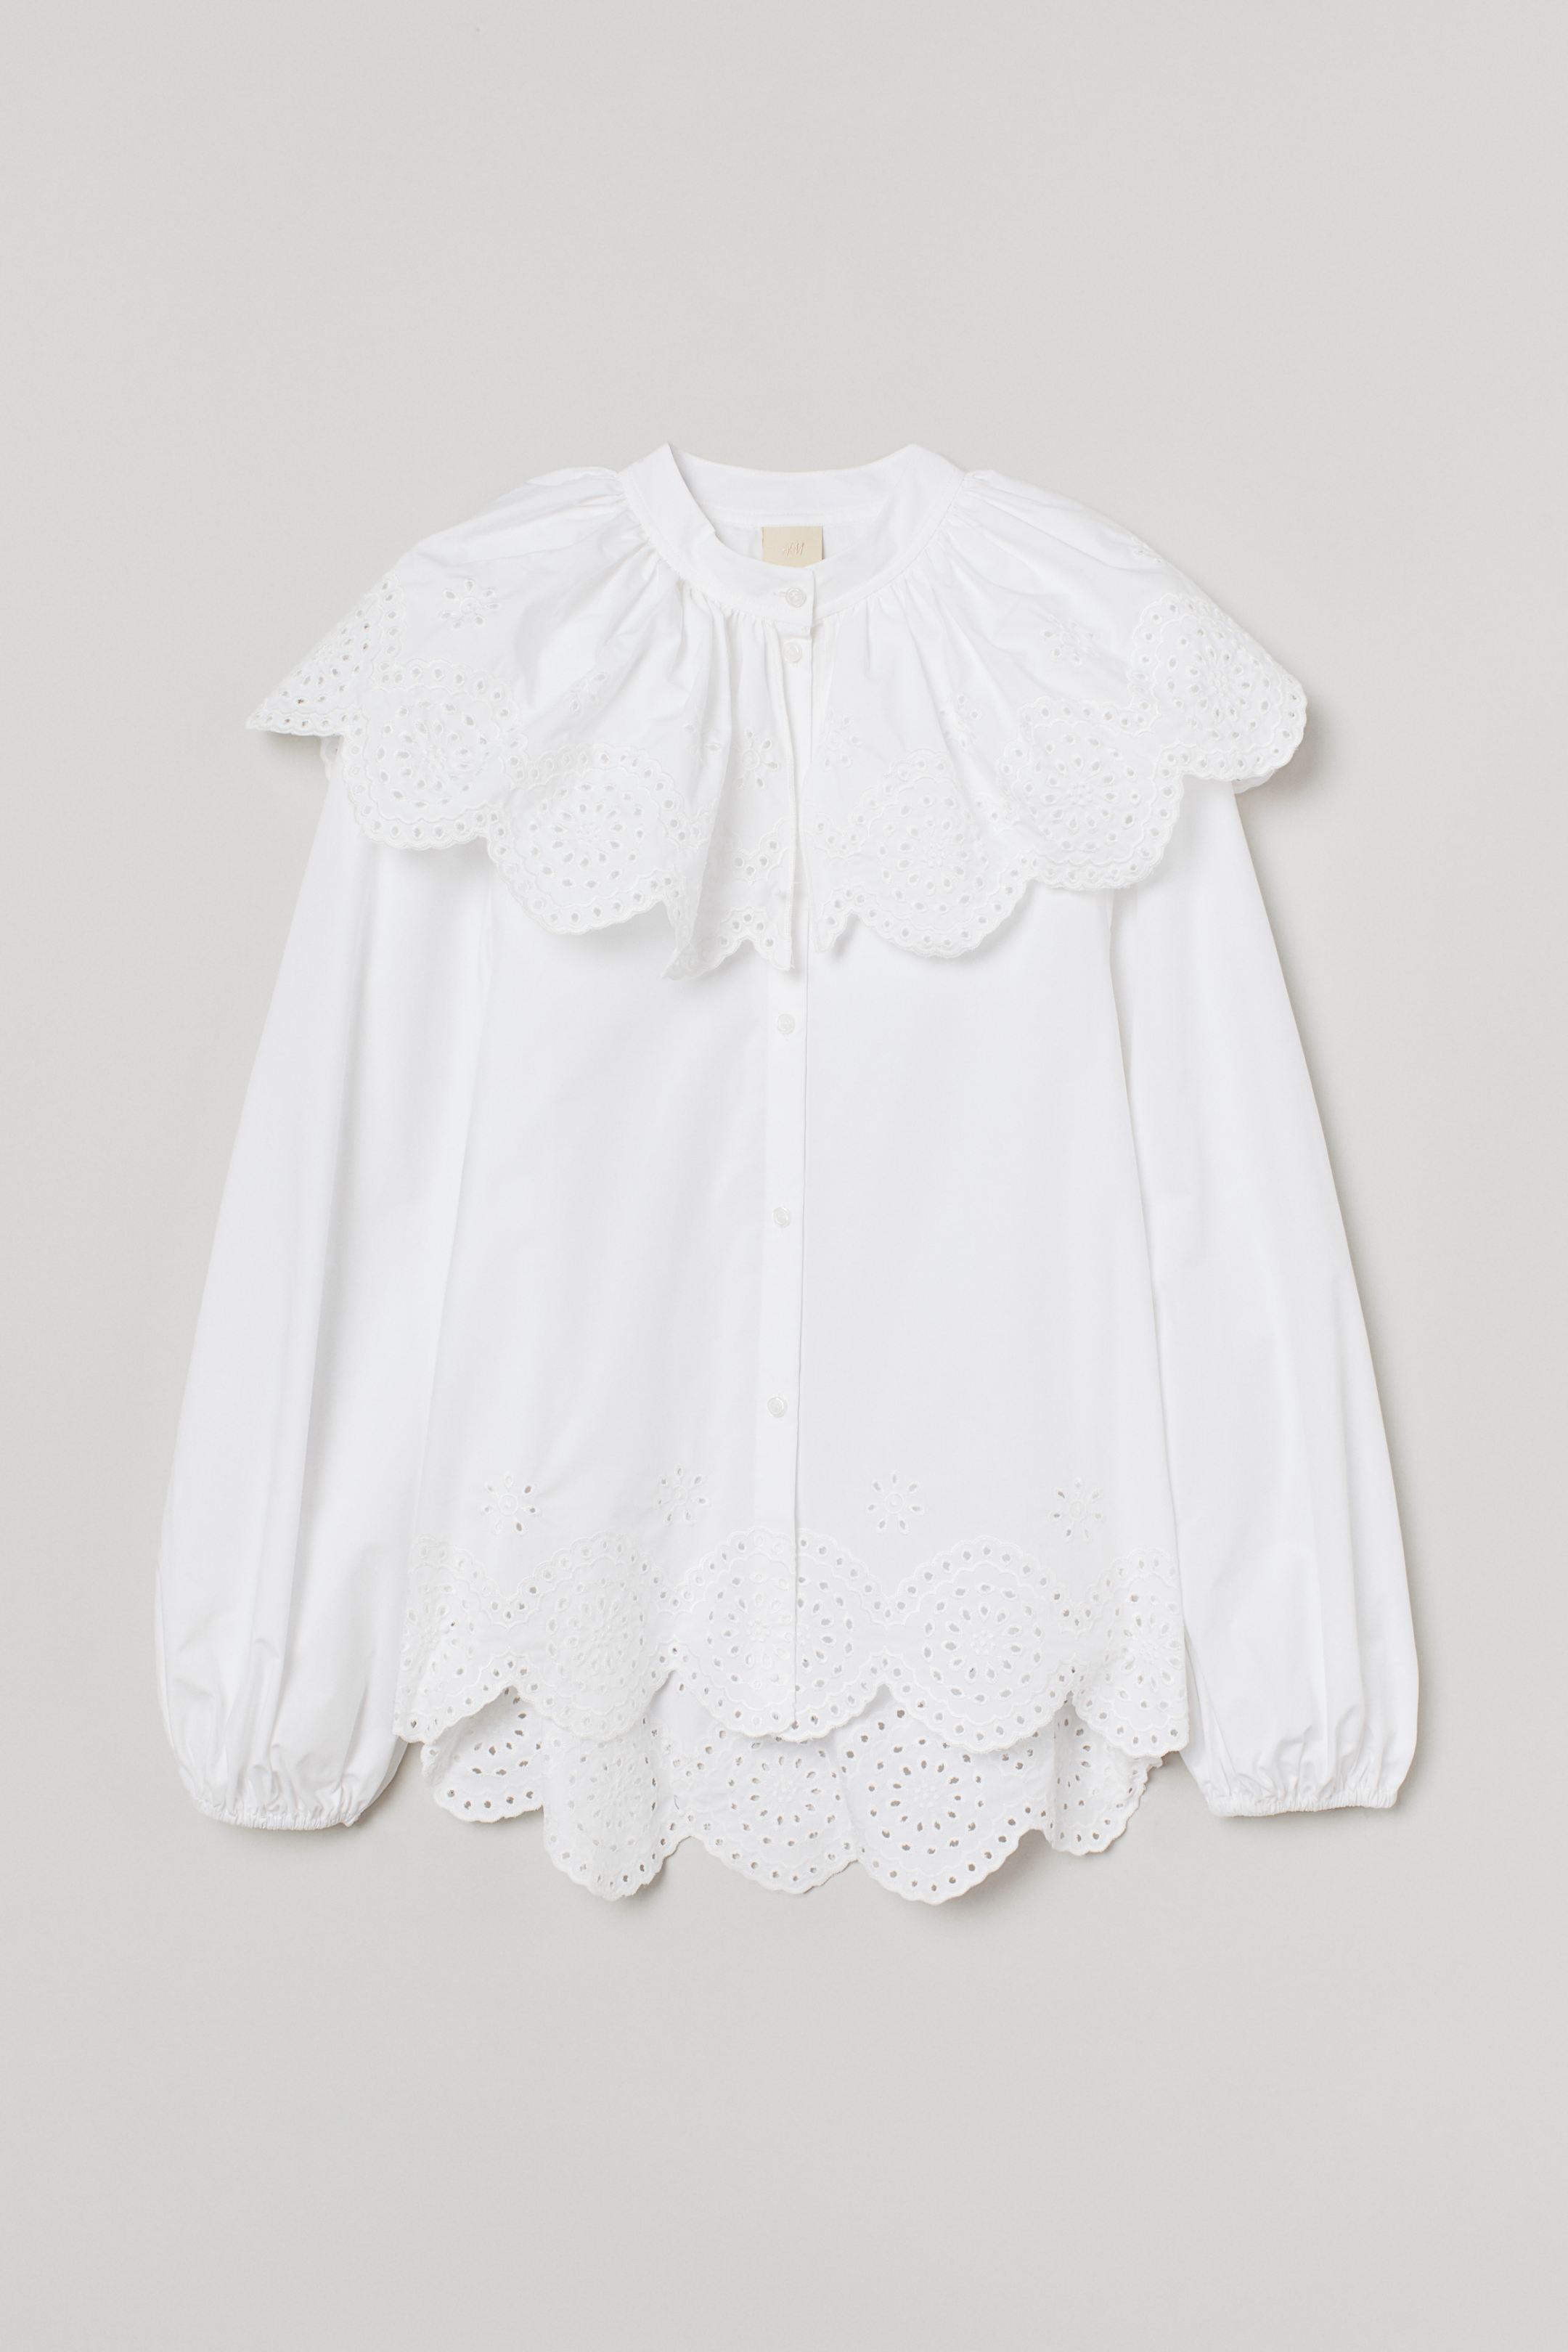 Blusa amplia de algodón con bordado inglés, cuello elevado corto con capa semisuelta que cubre los hombros. Botones delante, mangas globo largas con elástico fino revestido en los puños y bajo festoneado.